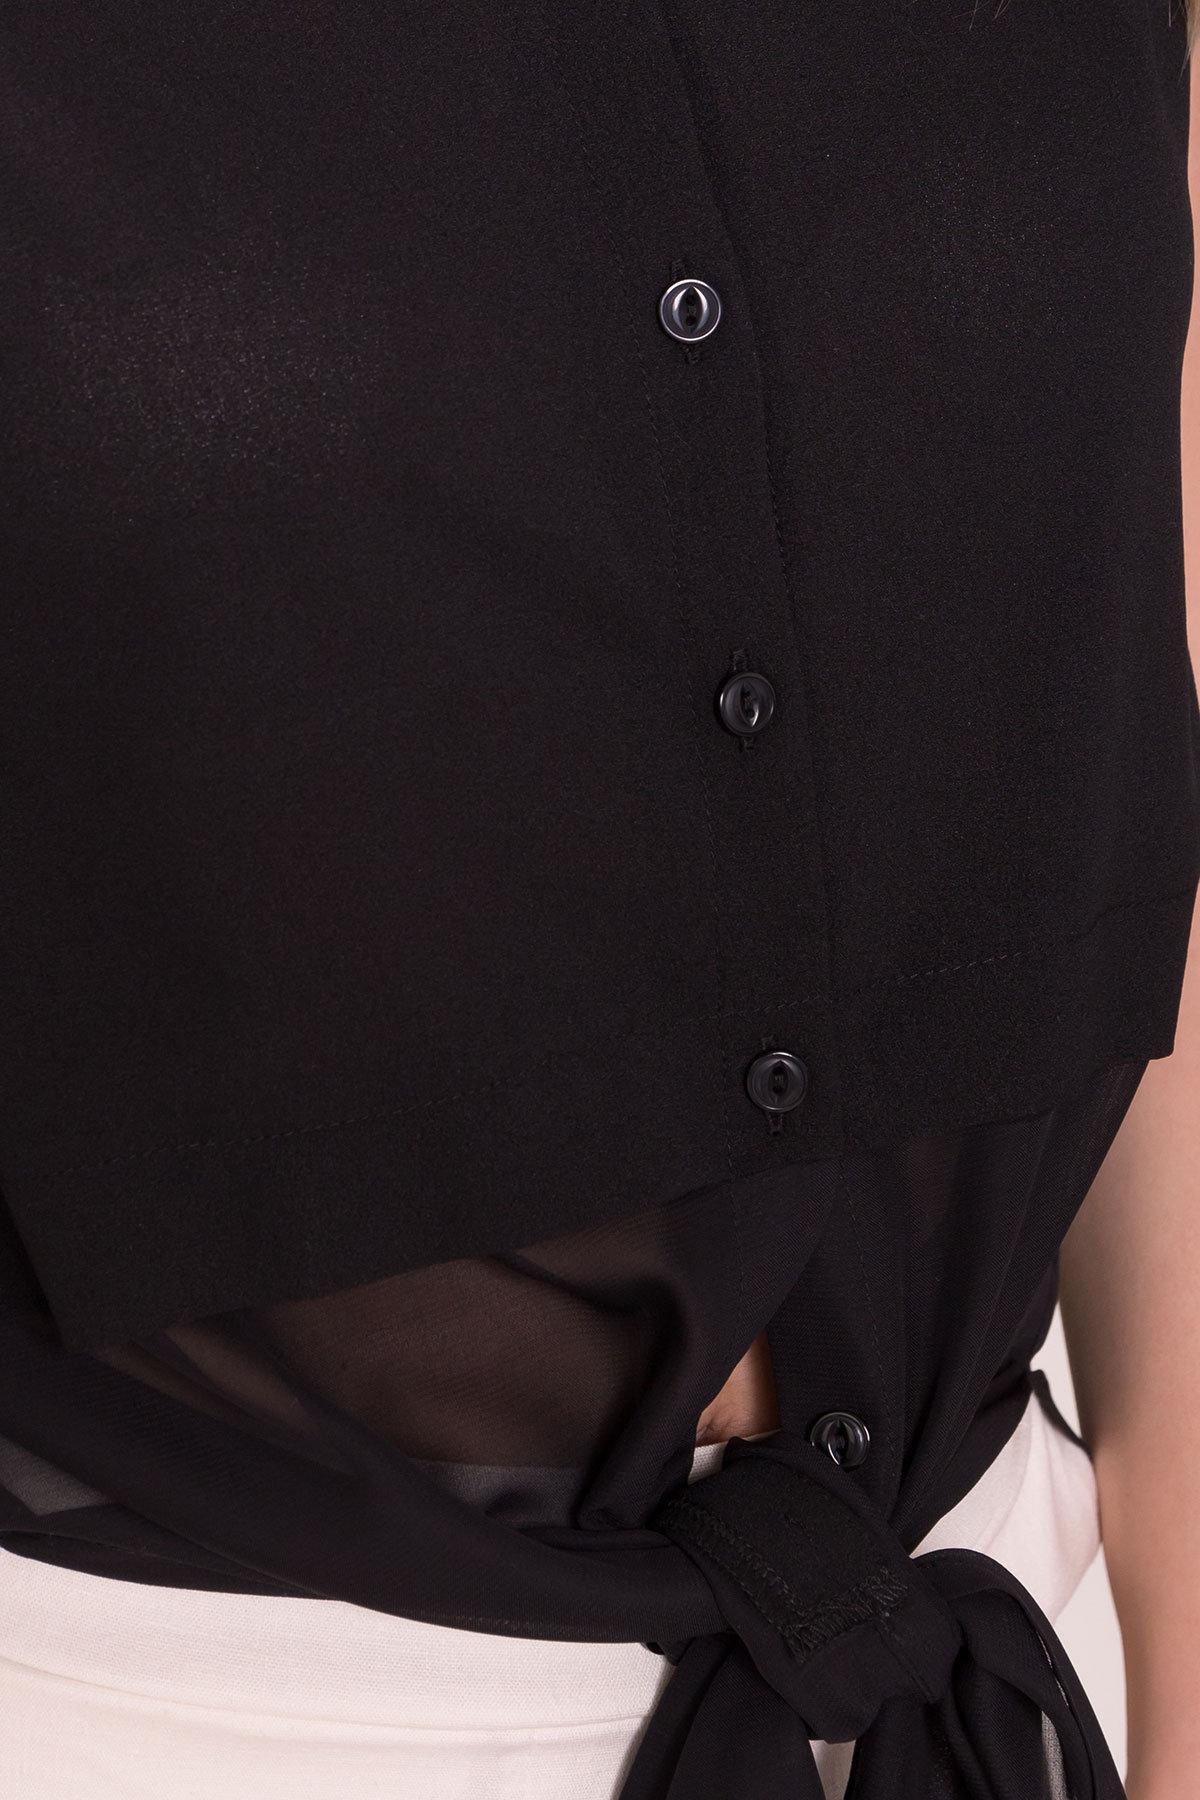 Рубашка без рукавов Дива 7532 АРТ. 43441 Цвет: Черный - фото 4, интернет магазин tm-modus.ru